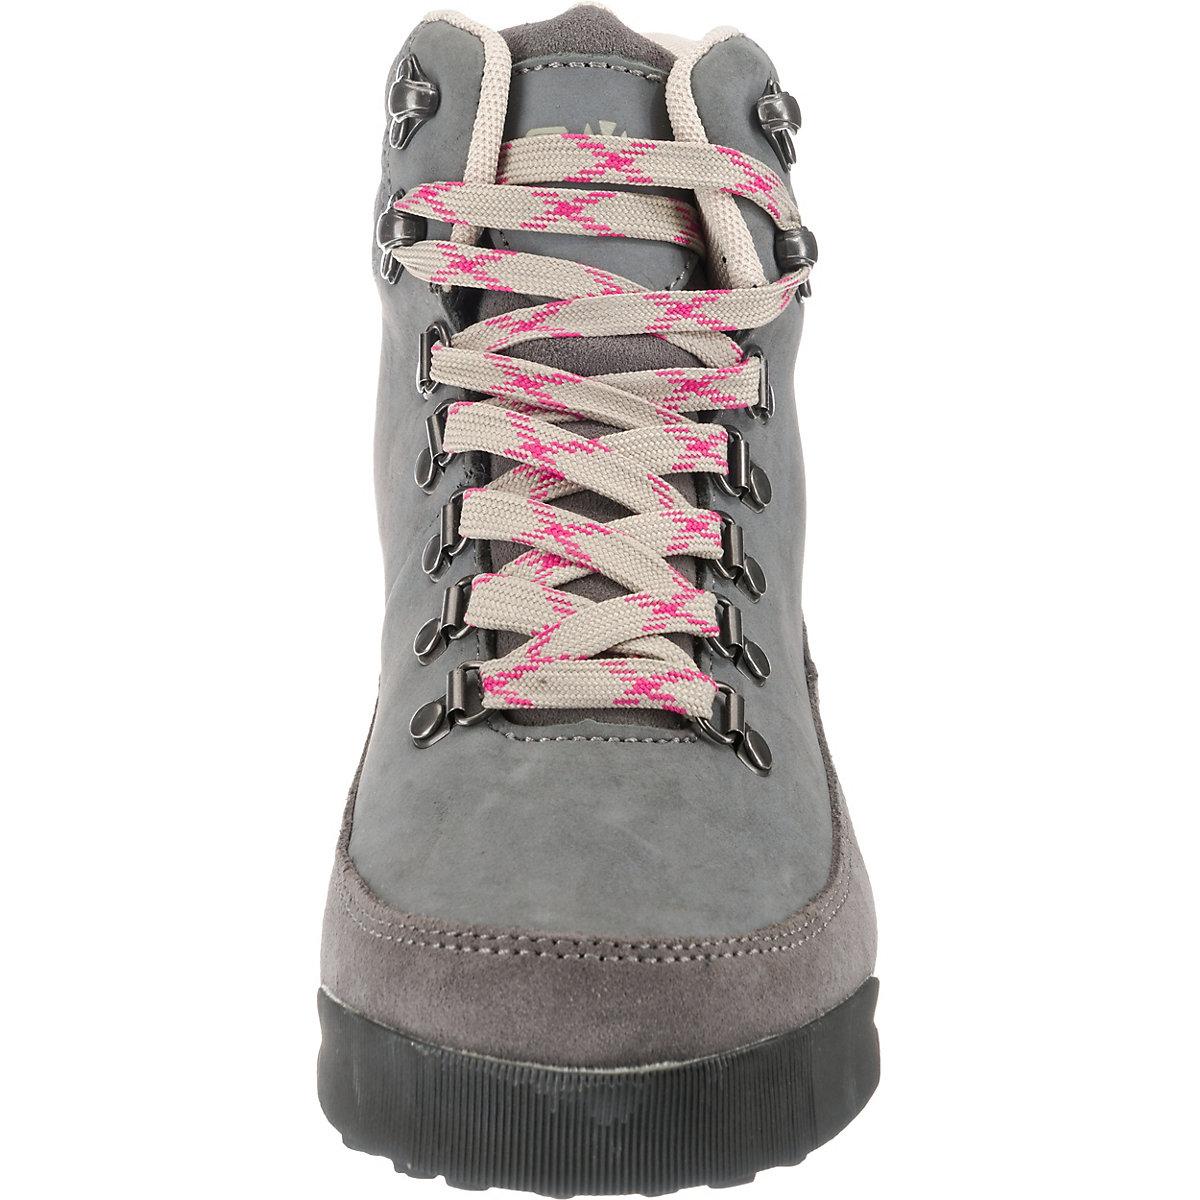 Cmp, Heka Wmn Hiking Shoes Wp Schnürstiefeletten, Hellblau